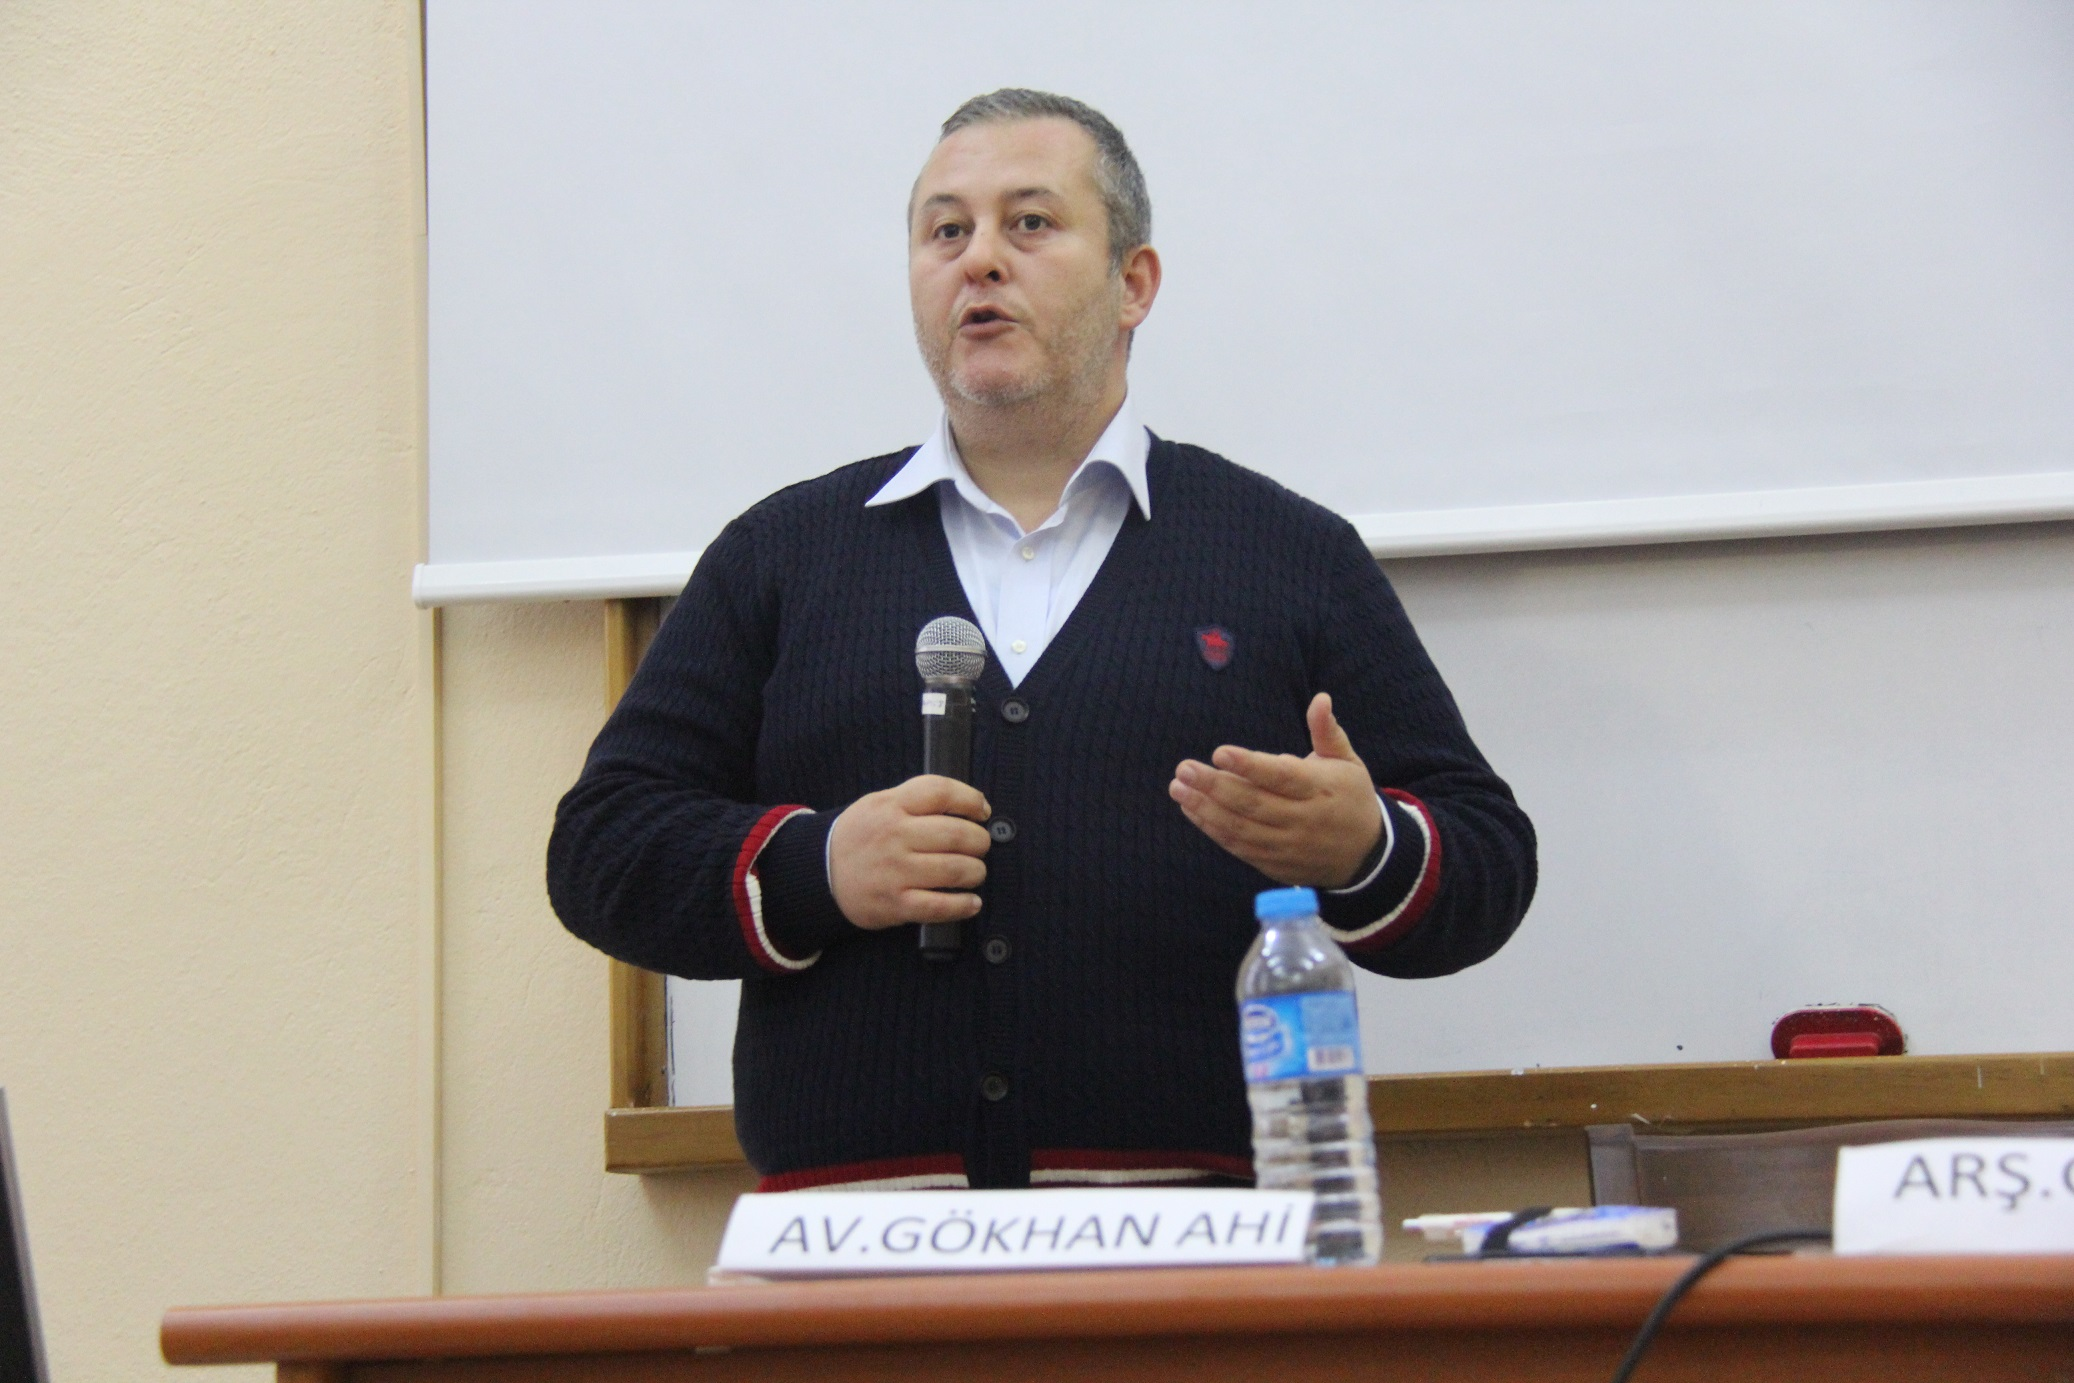 Kripto Para Türkiye Gökhan Ahi